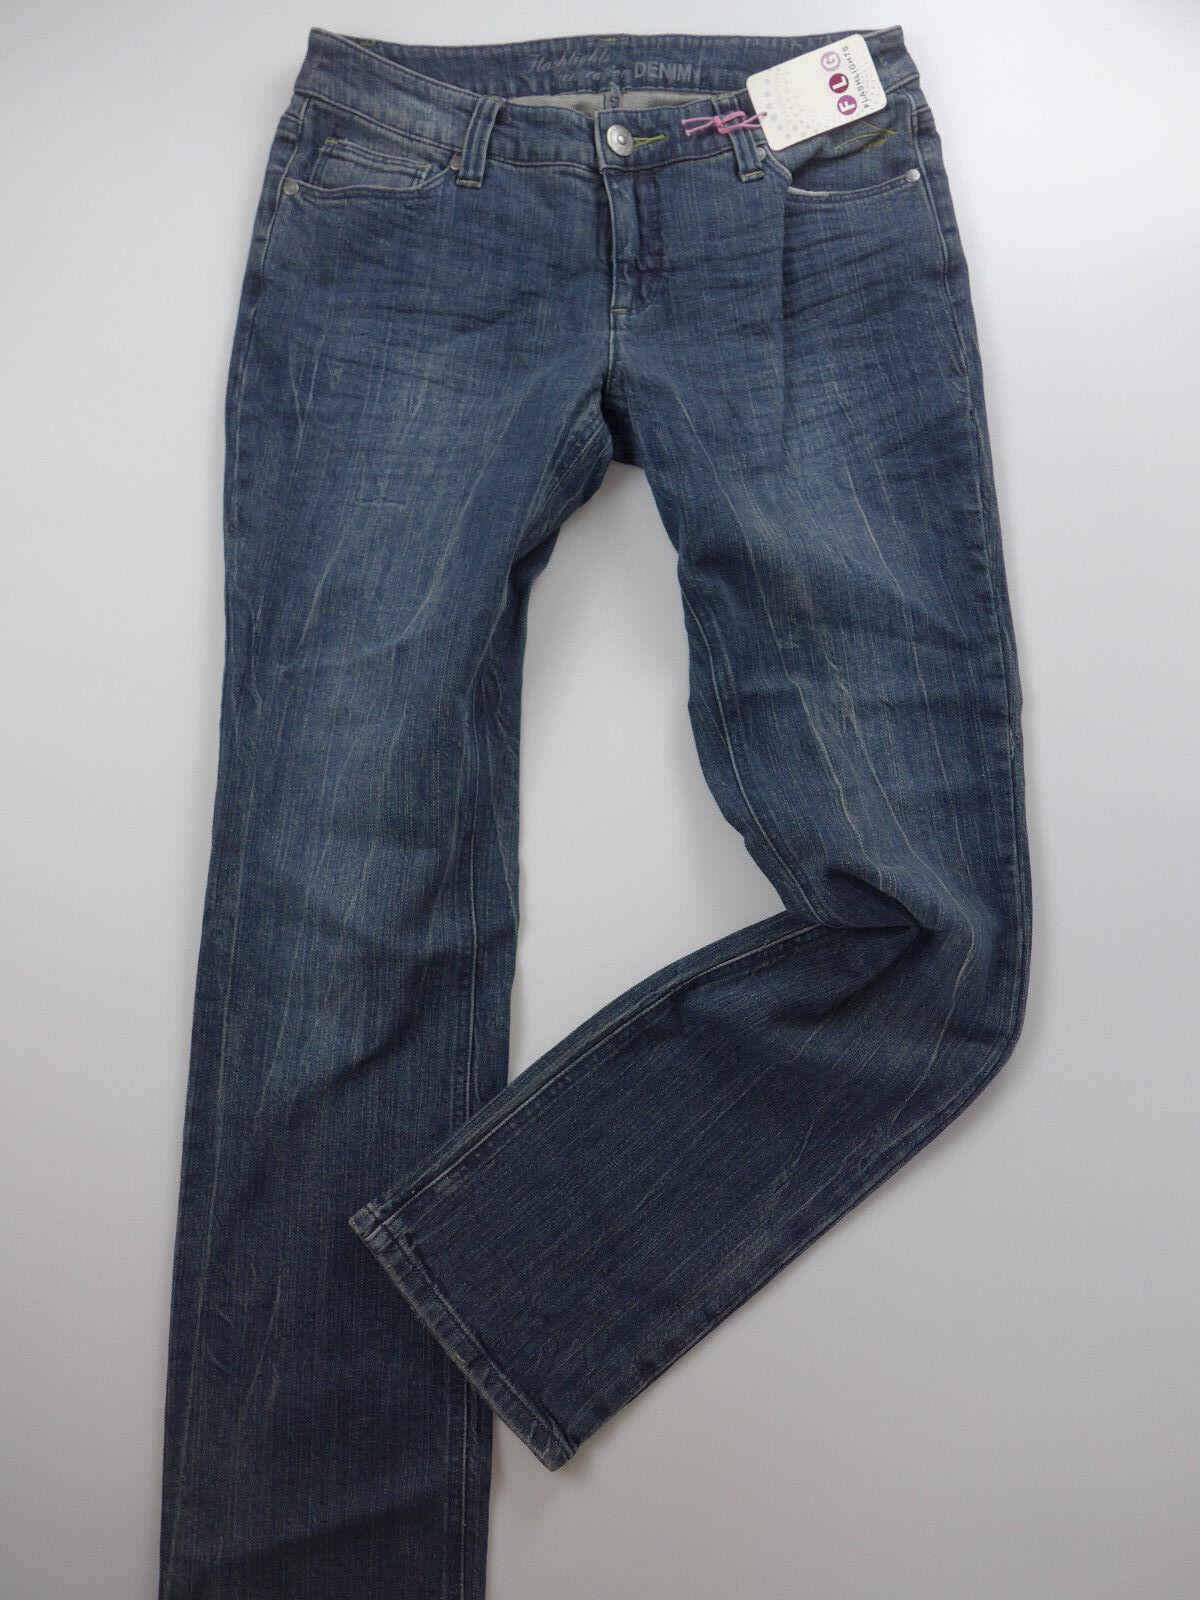 691 NEU Sheego 7//8 Hose Jeans Caprihose Gr 52 bis 58 Blue Ton